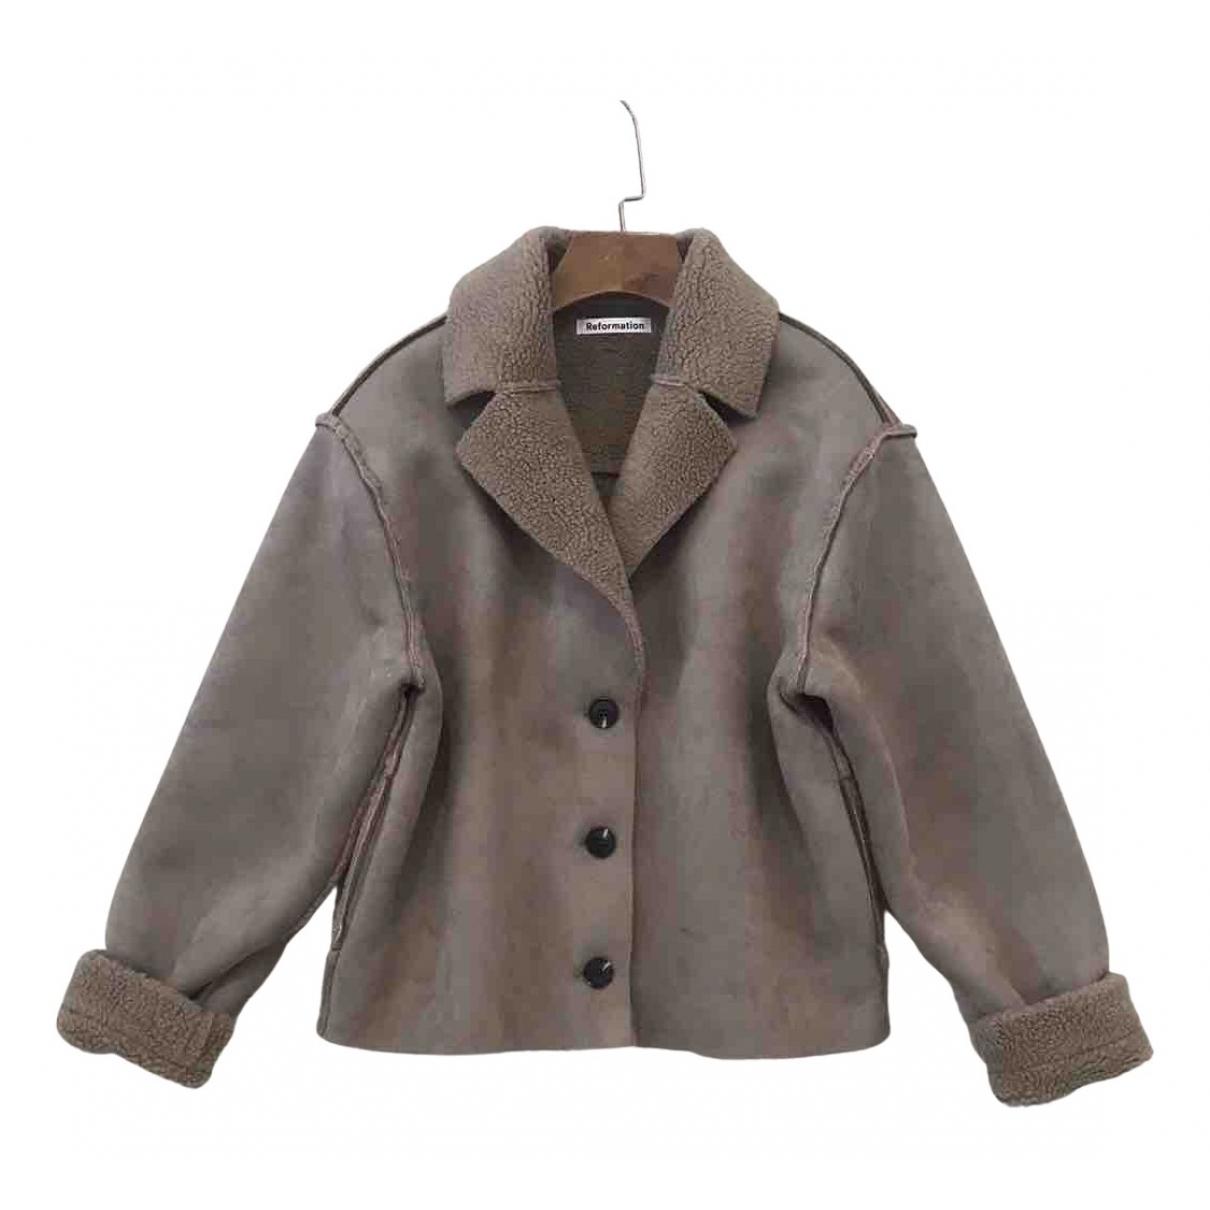 Reformation - Manteau   pour femme - marron